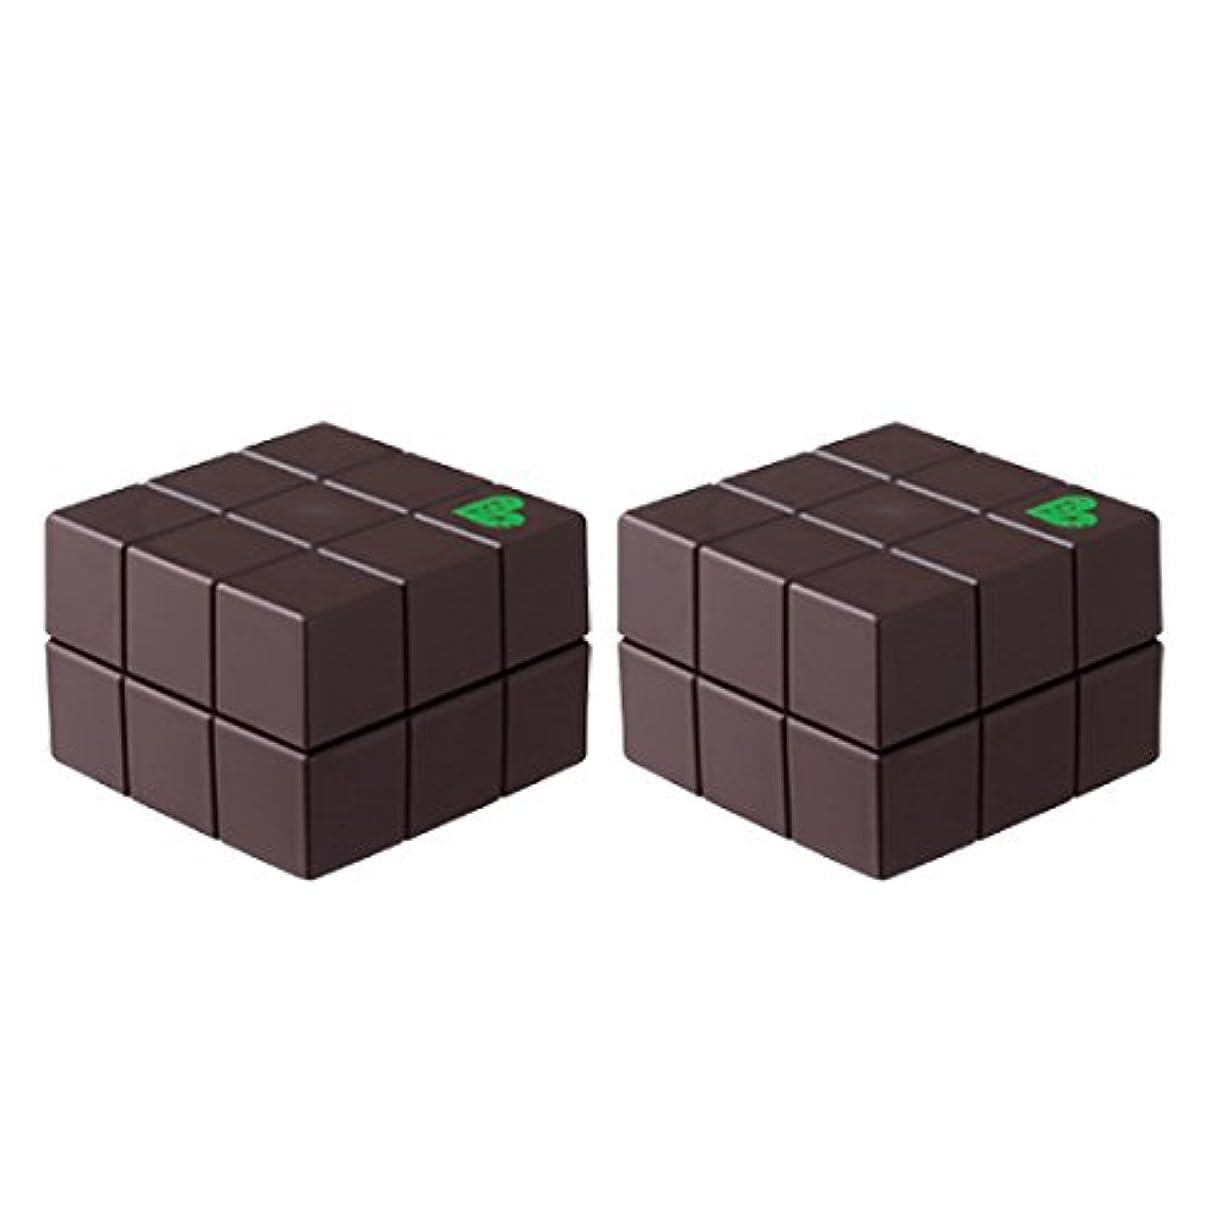 別れるピンク不格好【x2個セット】 アリミノ ピース プロデザインシリーズ ハードワックス チョコ 40g